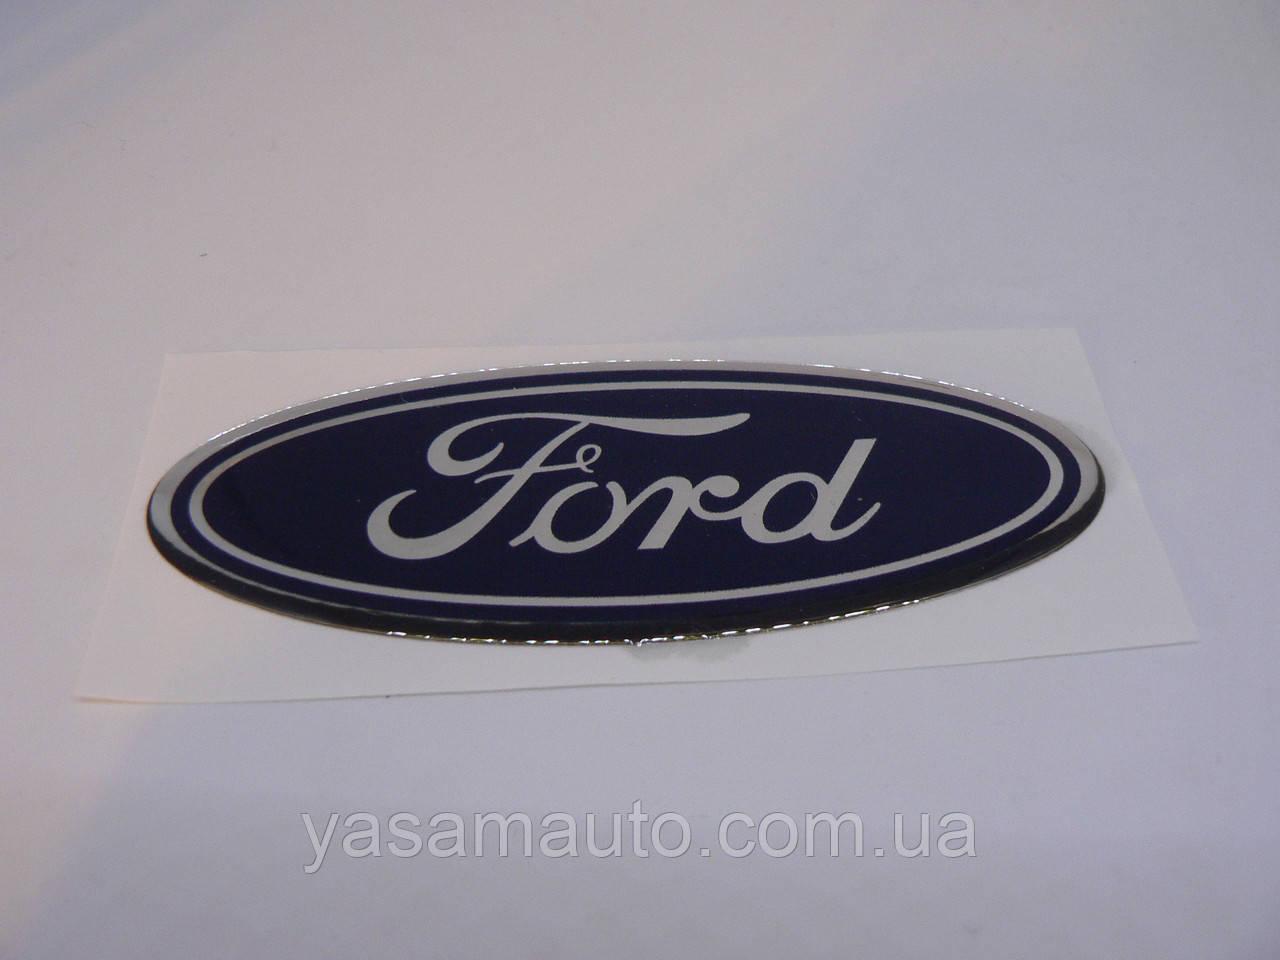 Наклейка s овал FORD 91.5х36.4х1.4мм силиконовая на клеевом слое жесткая эмблема на авто Форд